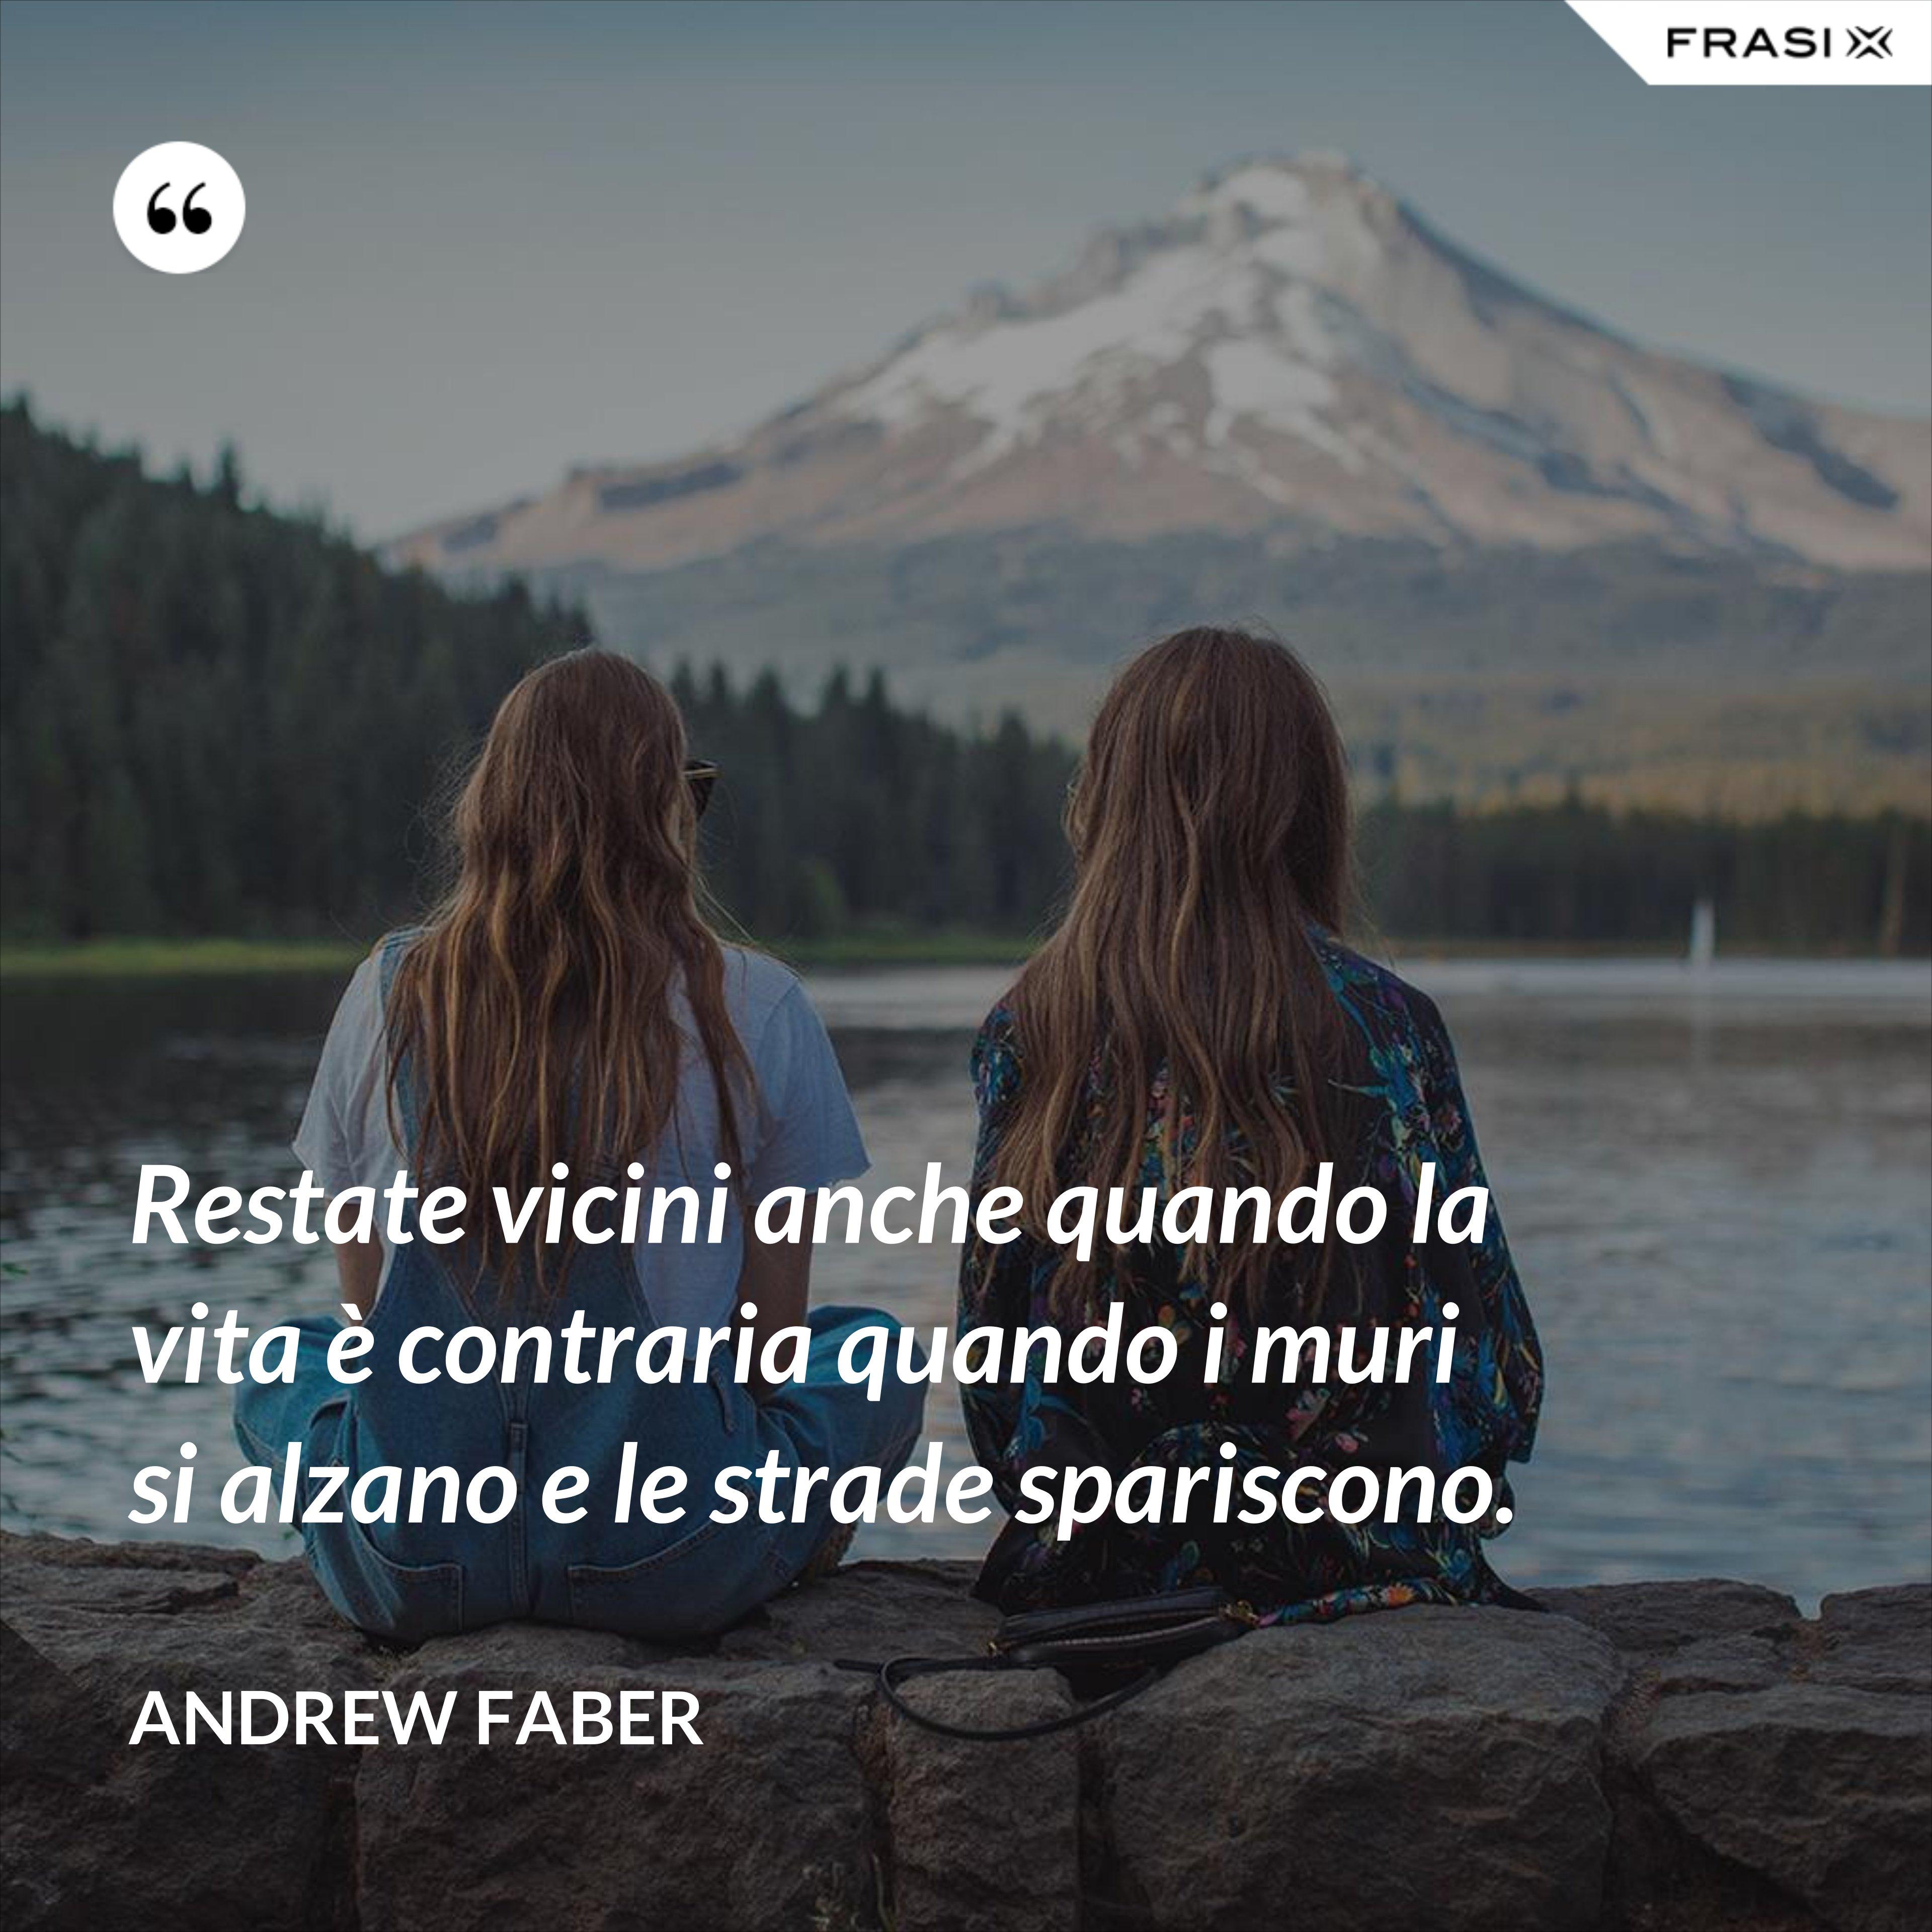 Restate vicini anche quando la vita è contraria quando i muri si alzano e le strade spariscono. - Andrew Faber